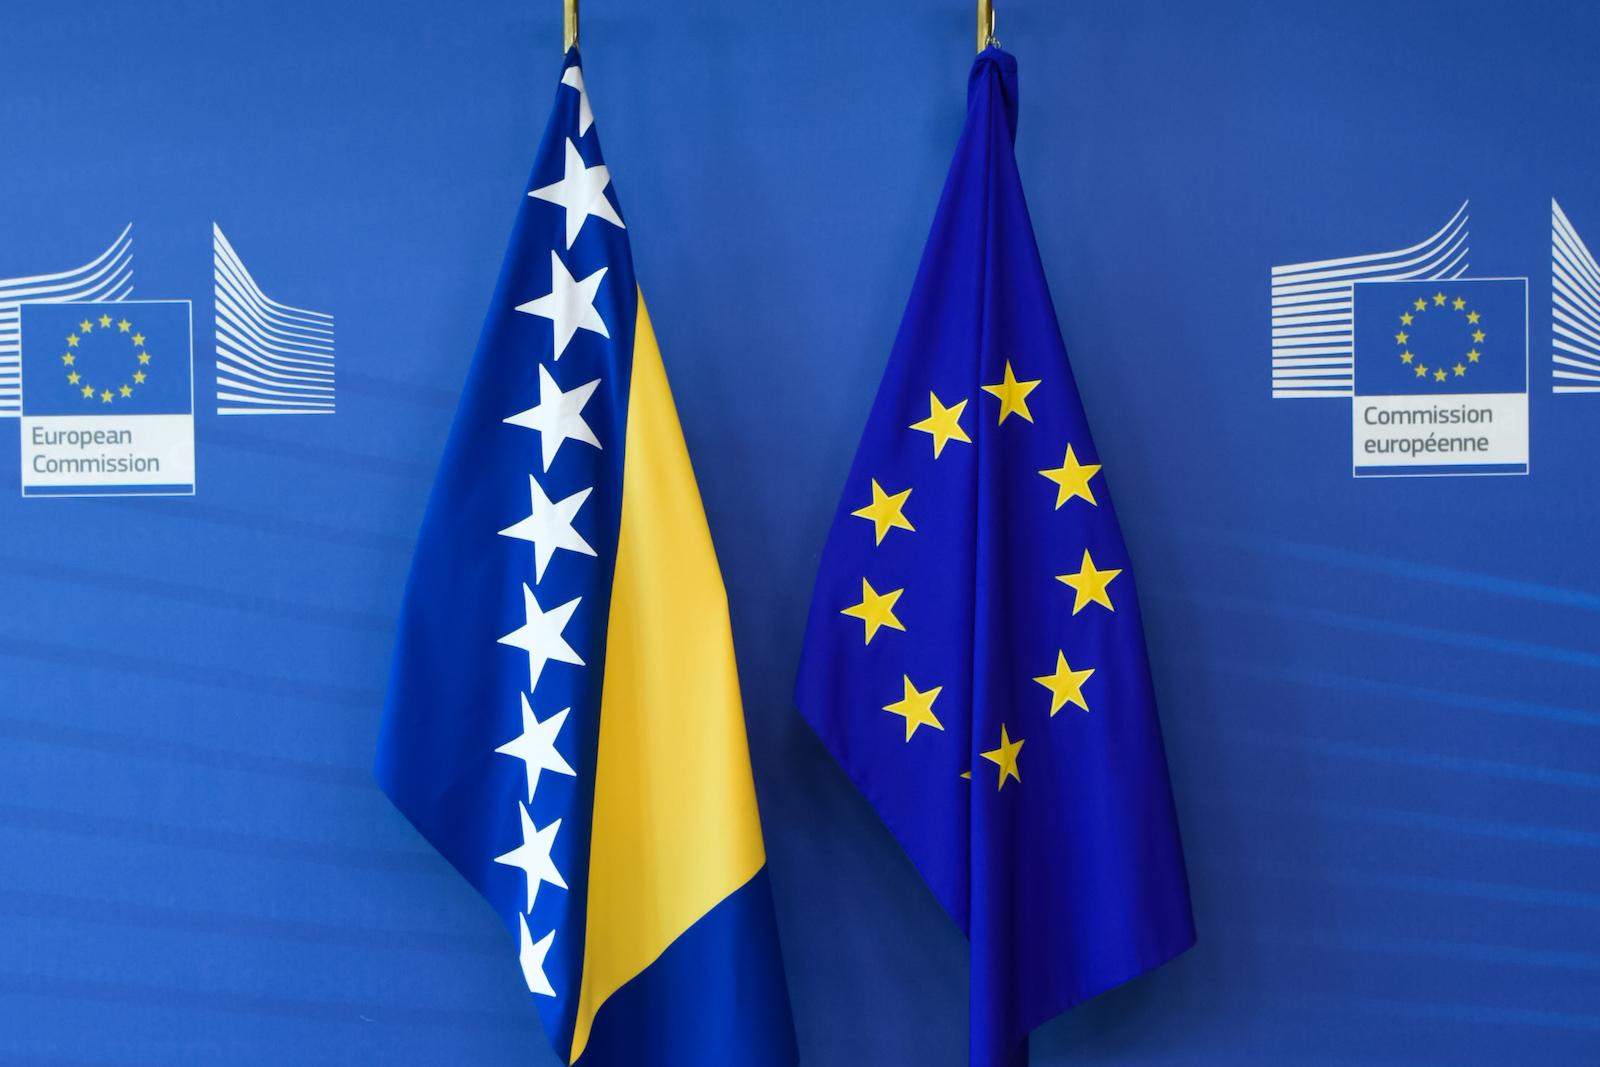 Β-Ε: Κρούει τον κώδωνα του κινδύνου η ΕΕ για τον αργό ρυθμό ανάπτυξης